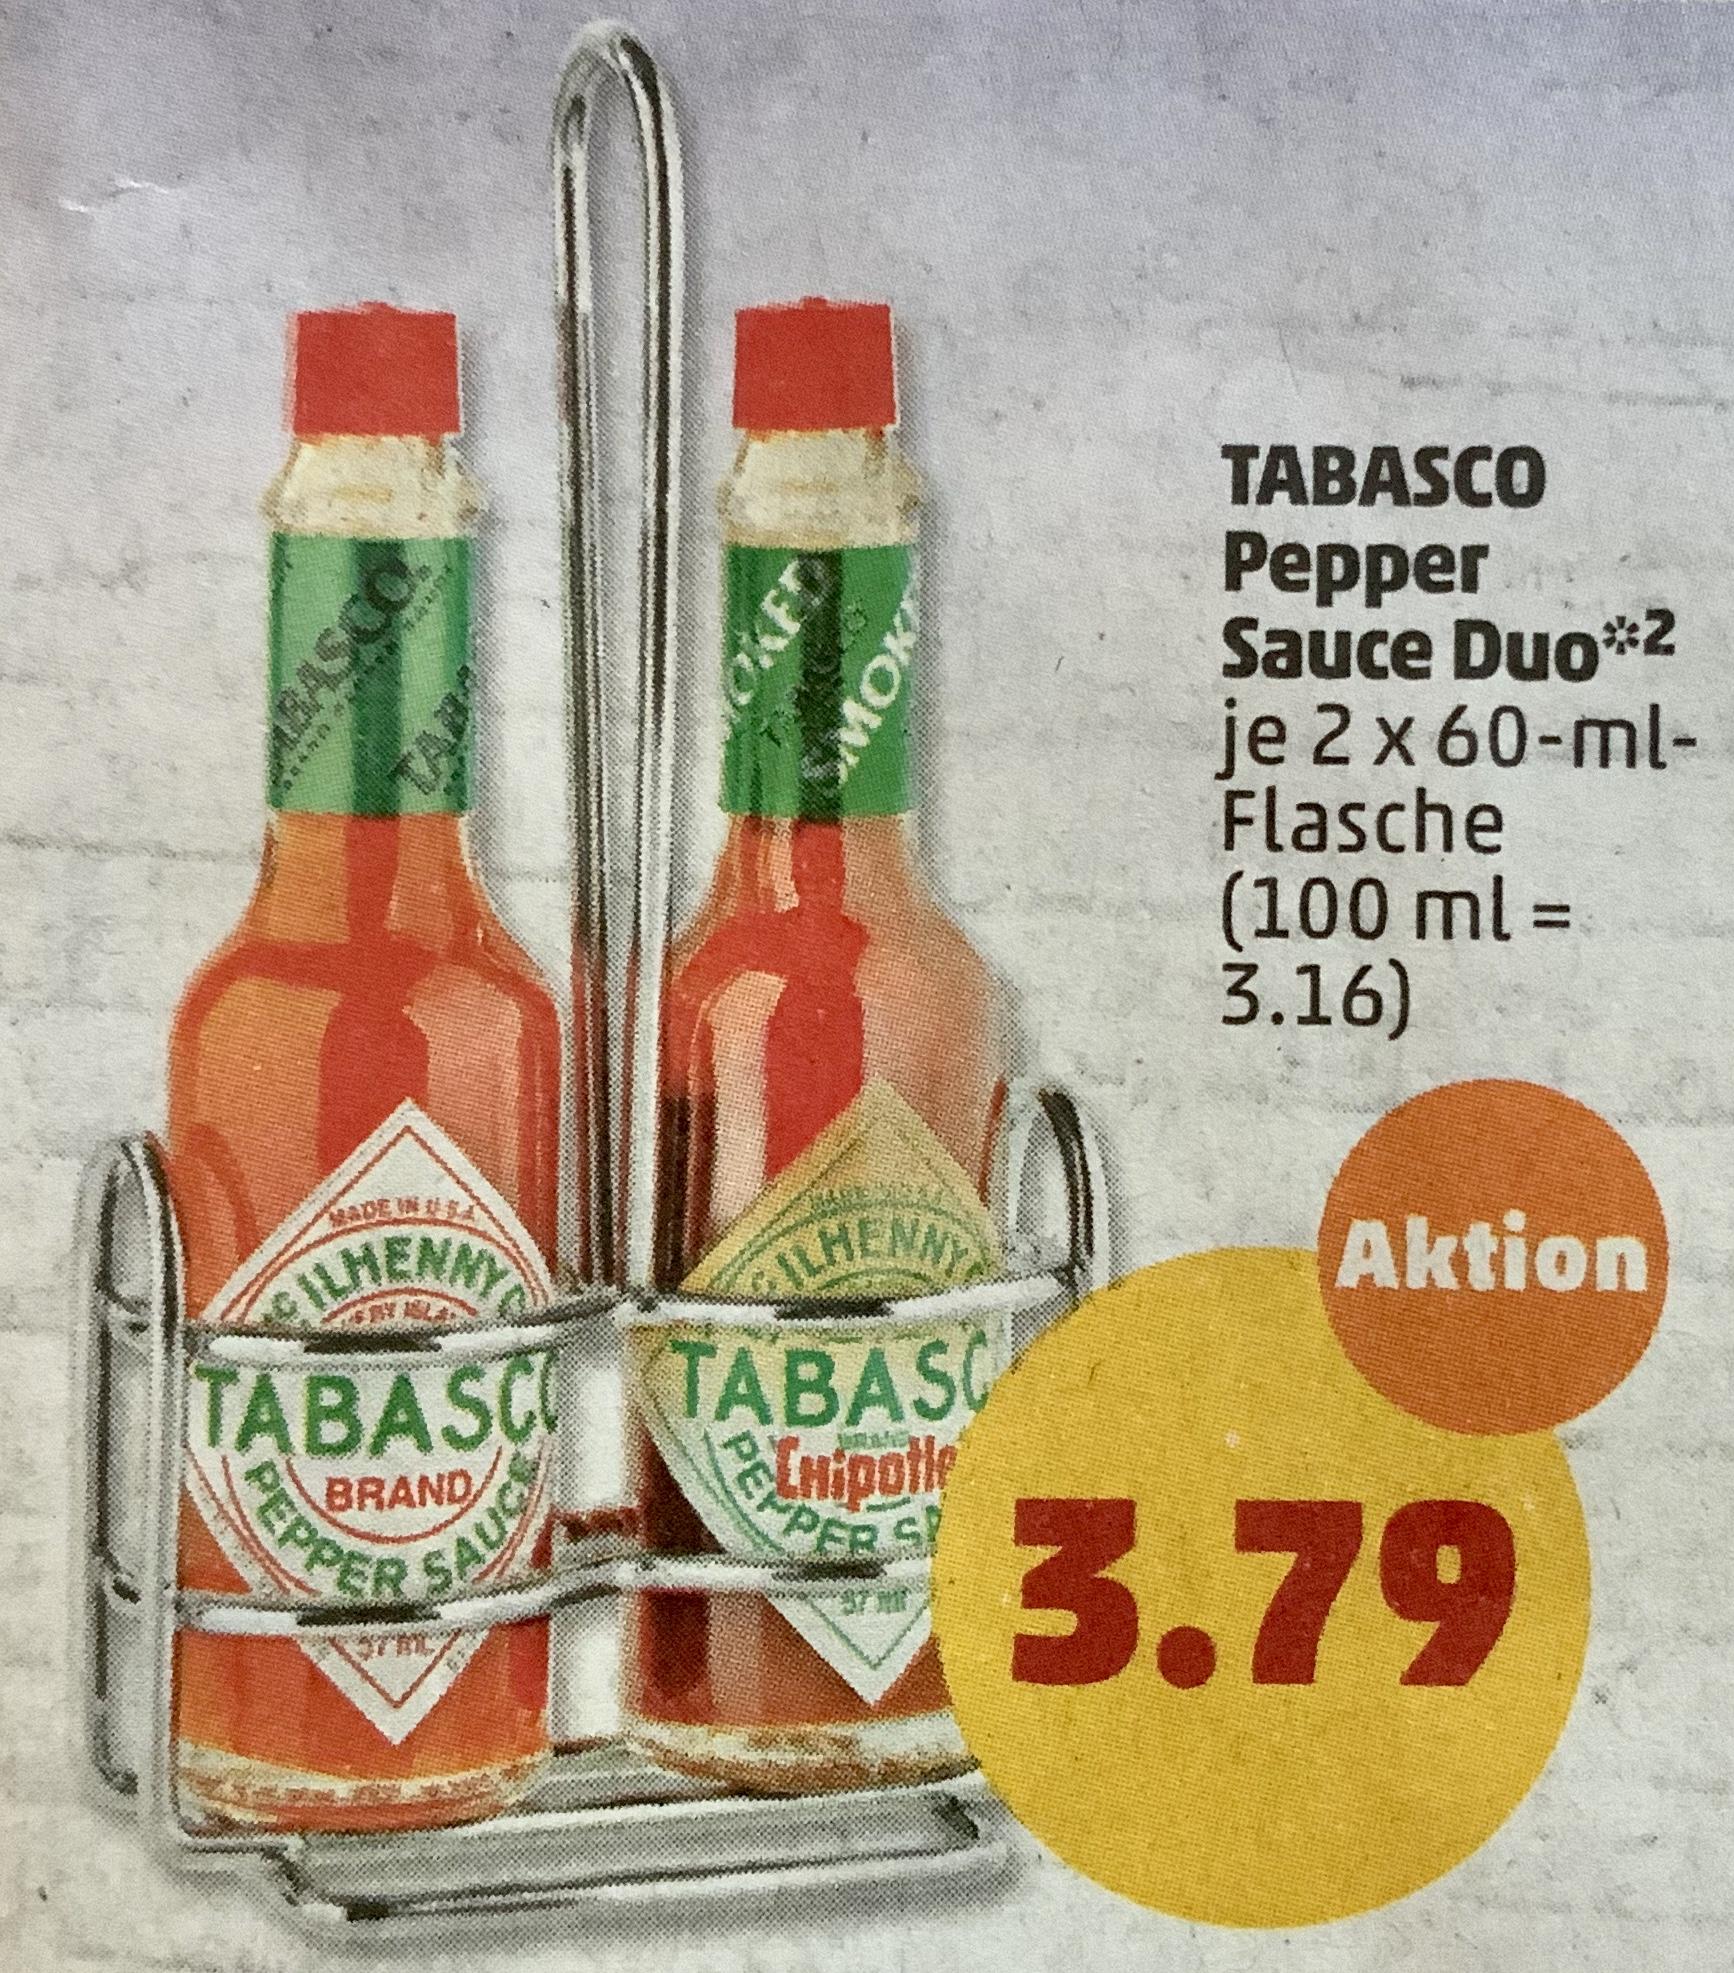 TABASCO Pepper Sauce Duo 2 x 60ml Flasche für zusammen 3,72€